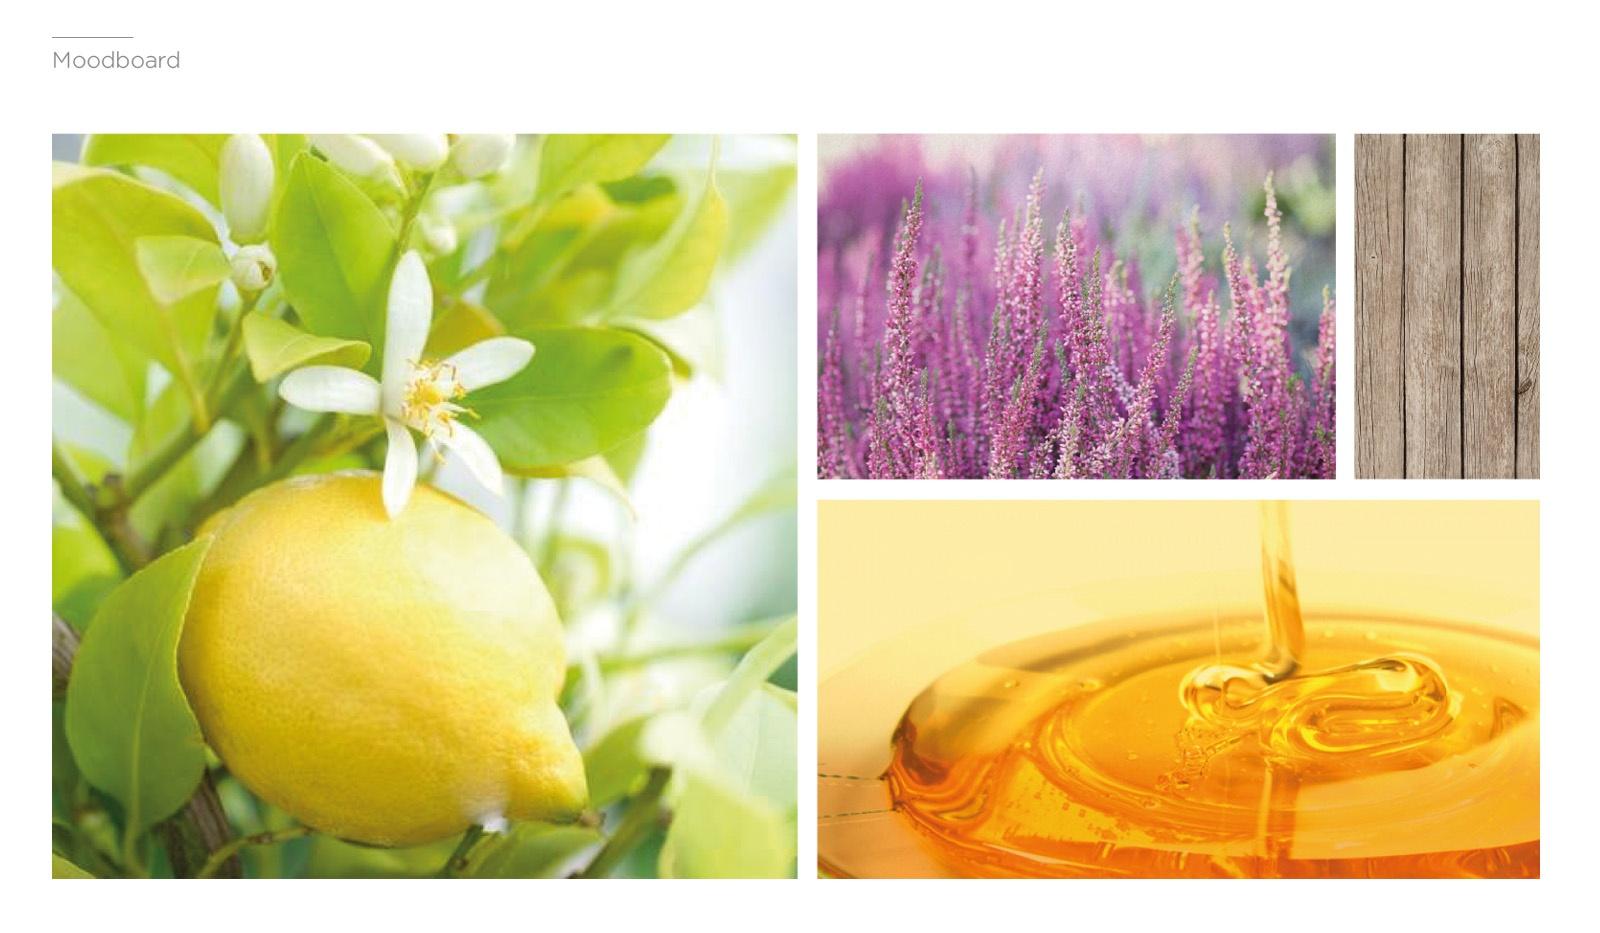 moodboard, flores, limonero